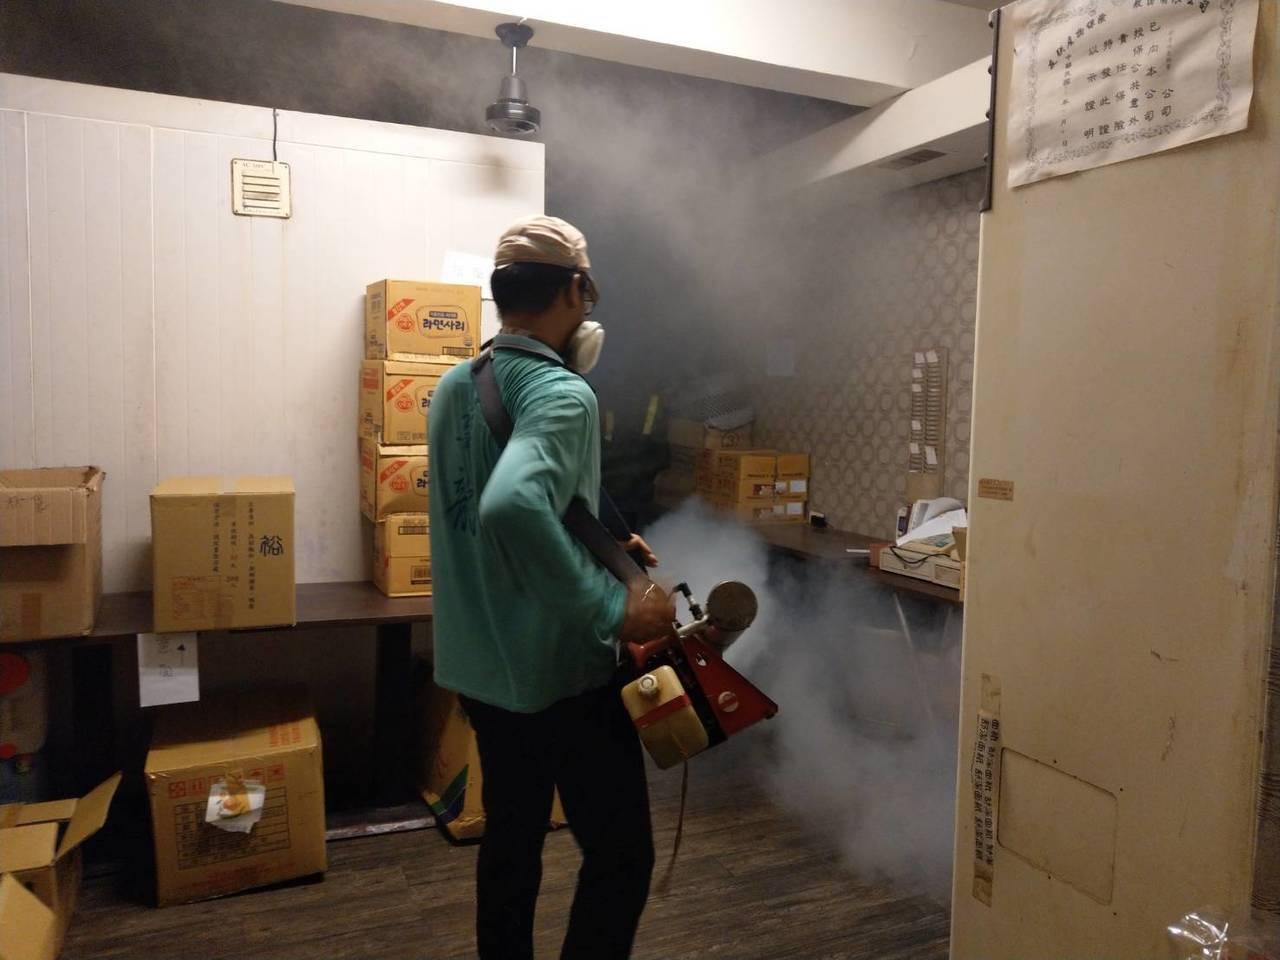 成大校園登革熱疫情再擴大,上午加強進行噴藥。 圖/台南市衛生局提供